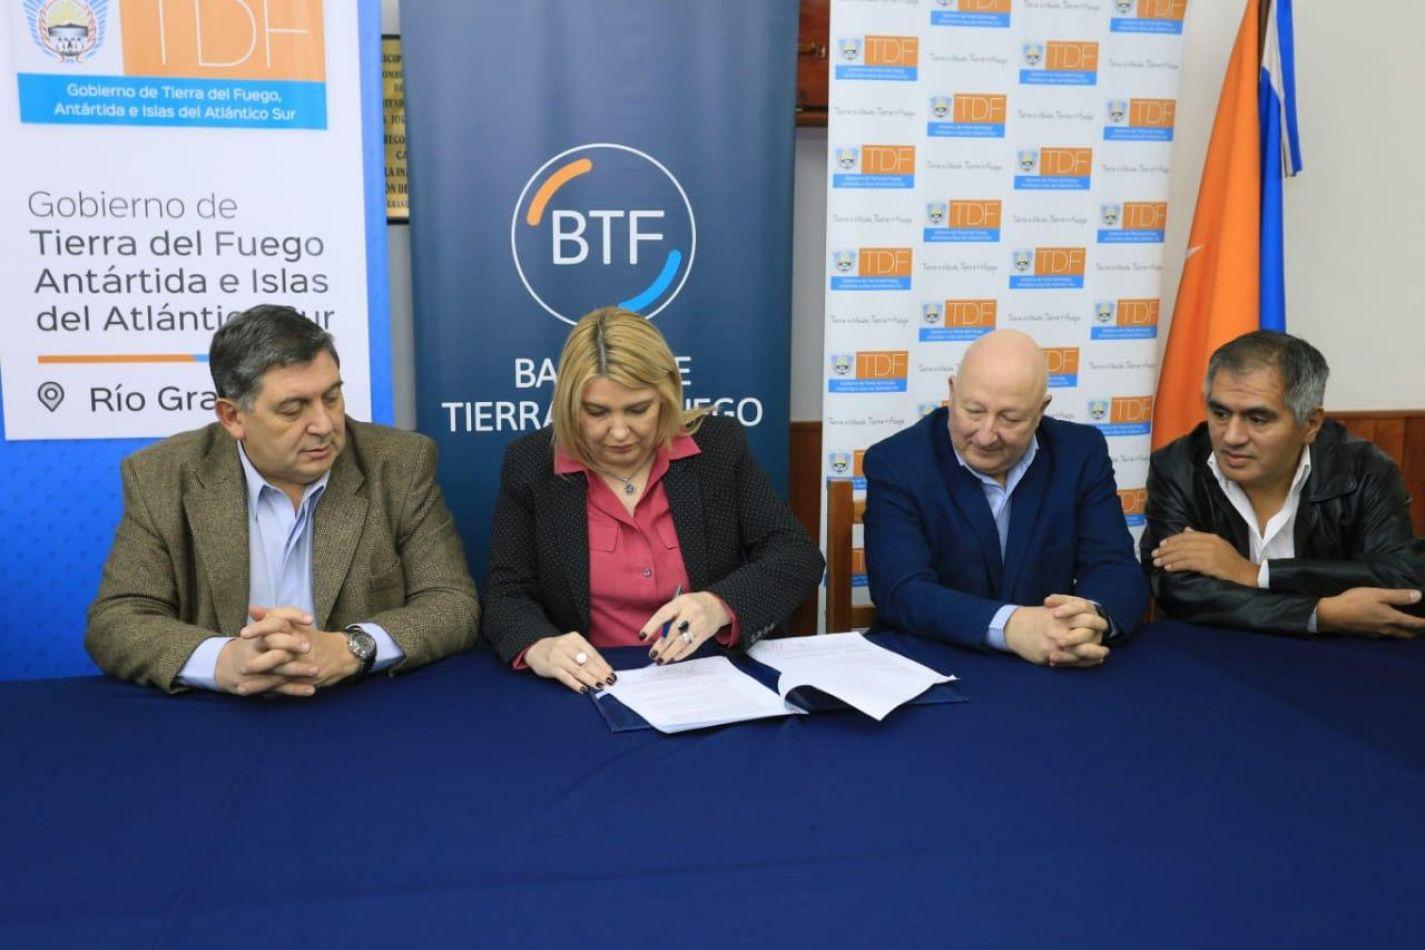 Gobierno y el BTF ofrecerán préstamos para adquiisición  vehículos de transporte público